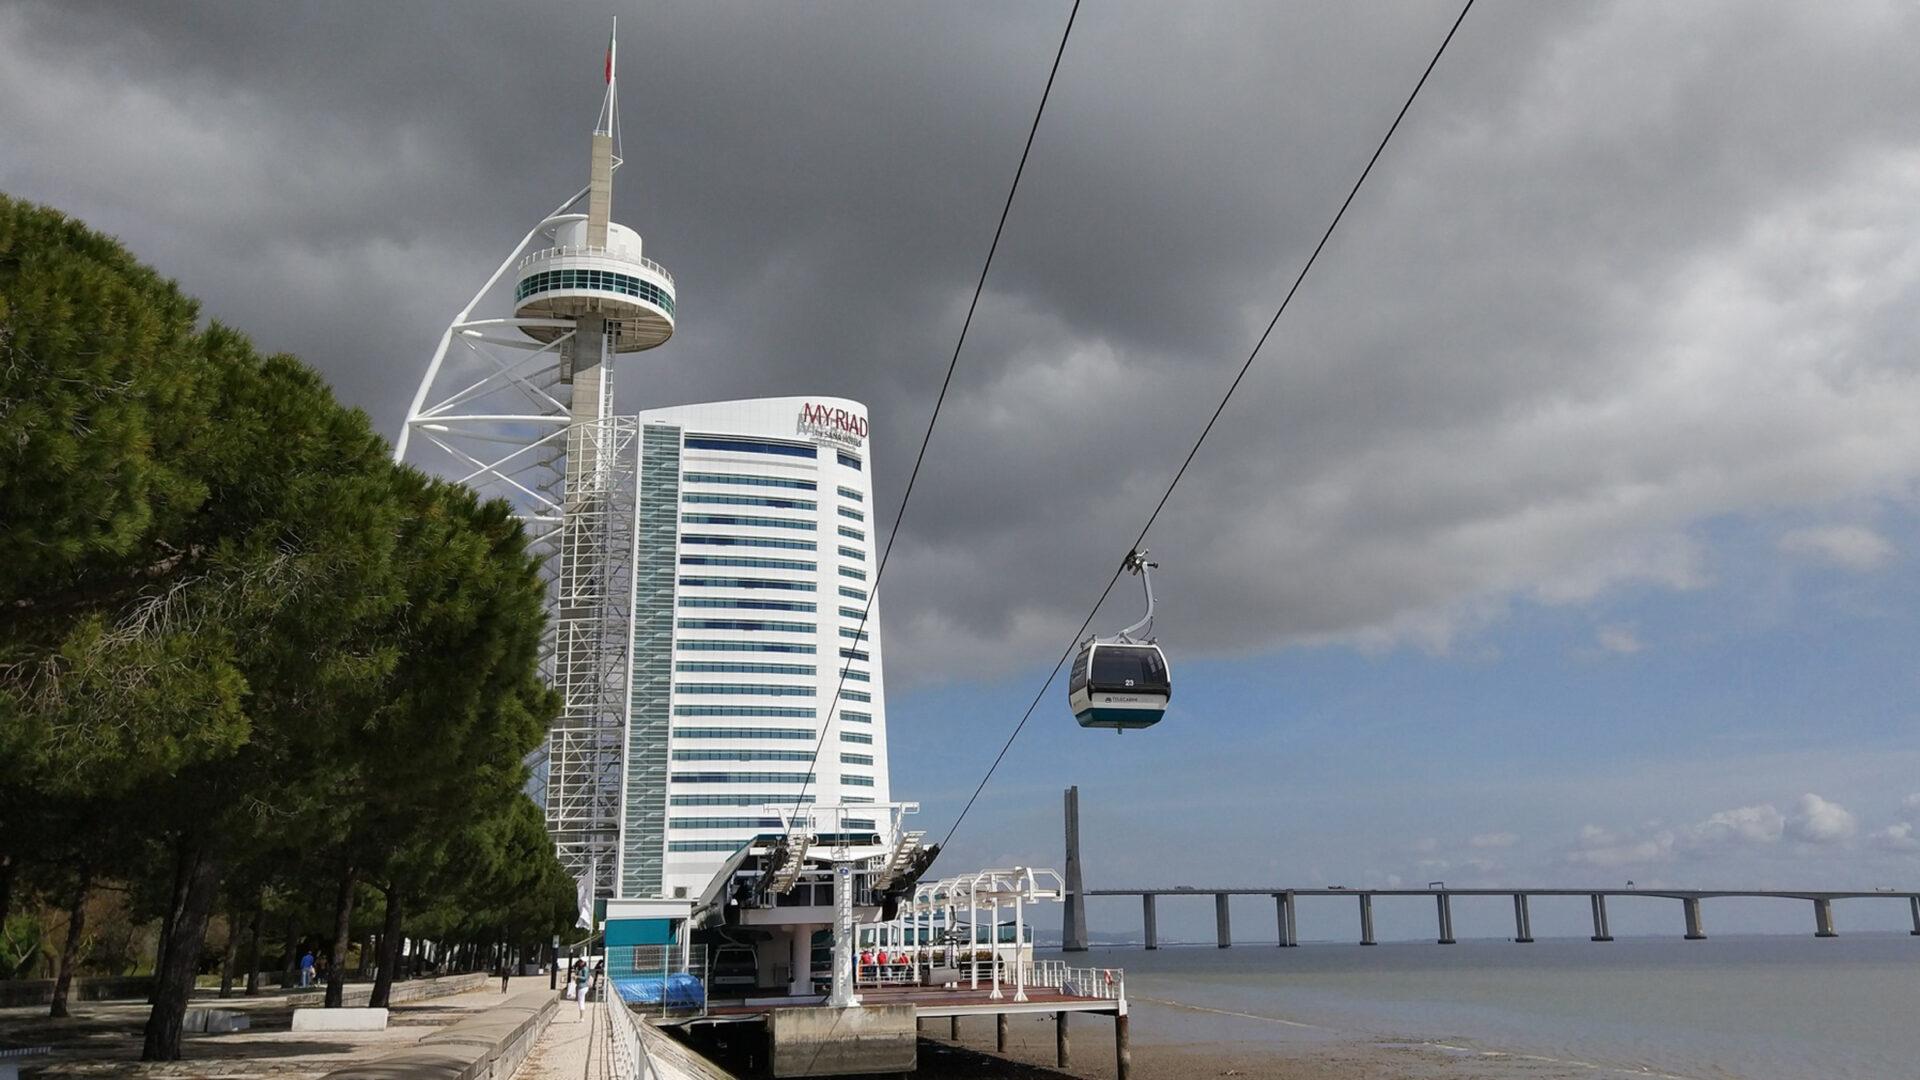 Португалия— путешествие накрай земли. Часть 3— Лиссабон, Парк Наций